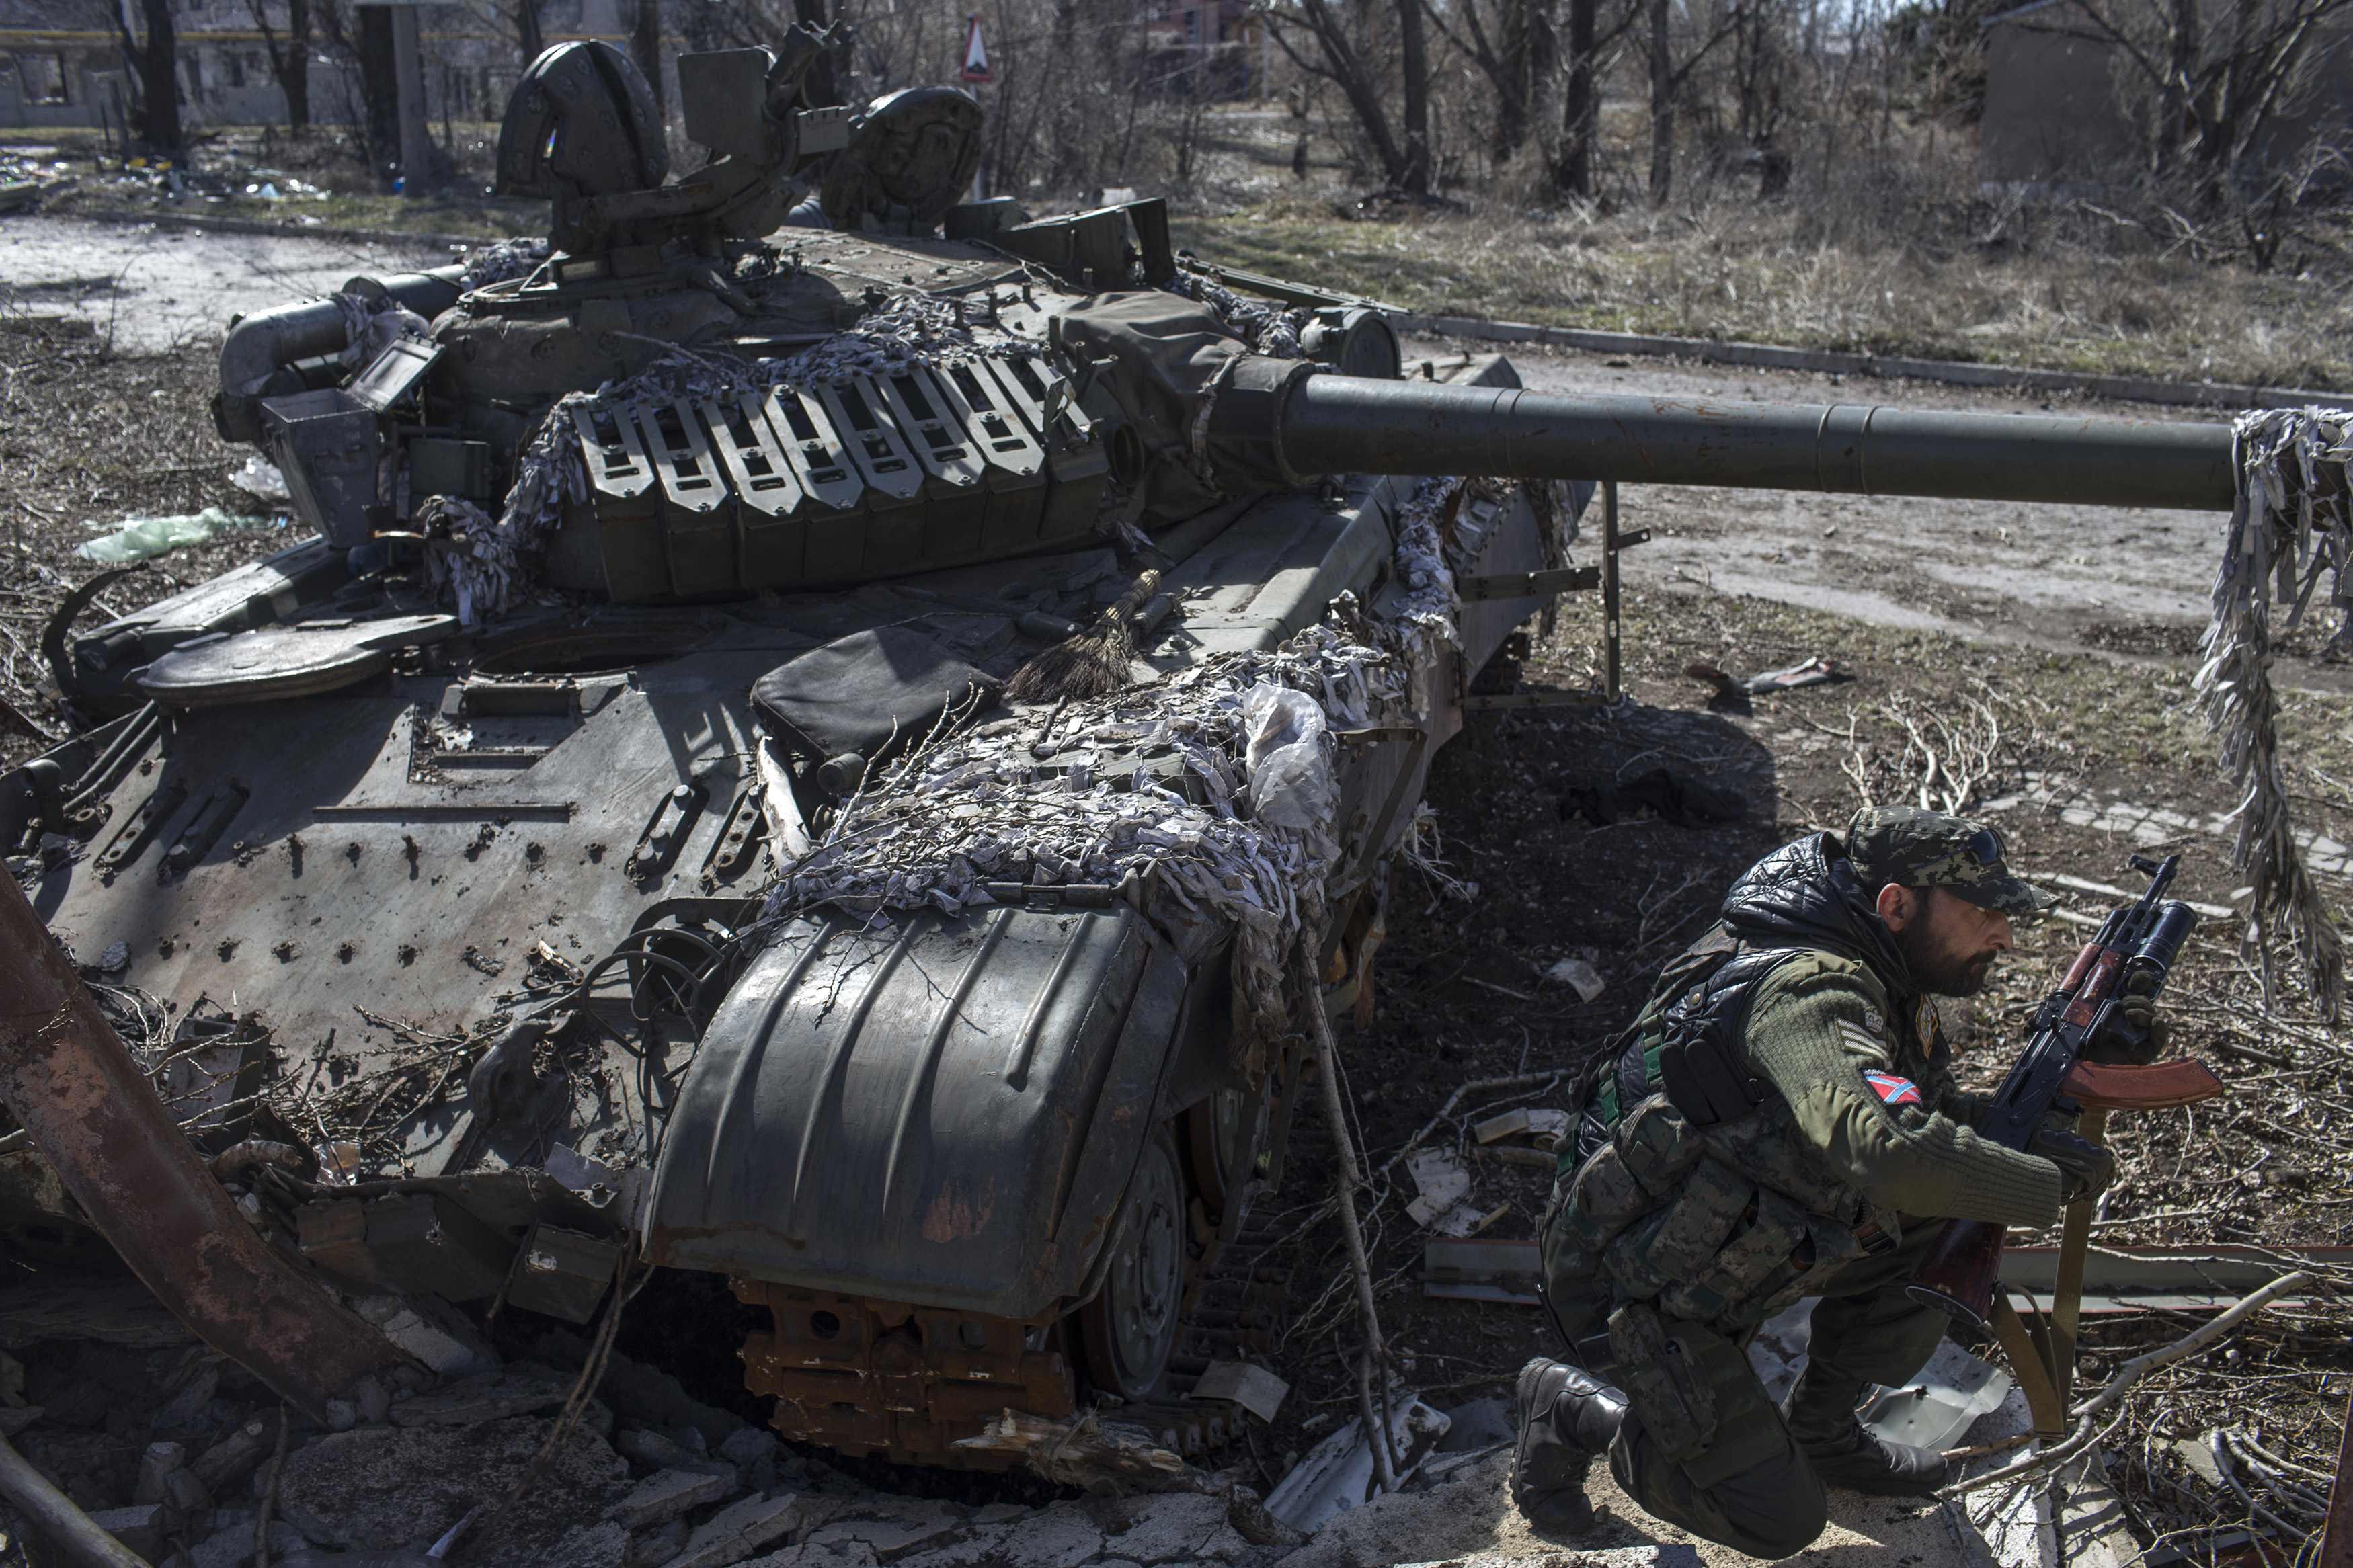 Боевик у сгоревшего танка под Донецком, иллюстрация